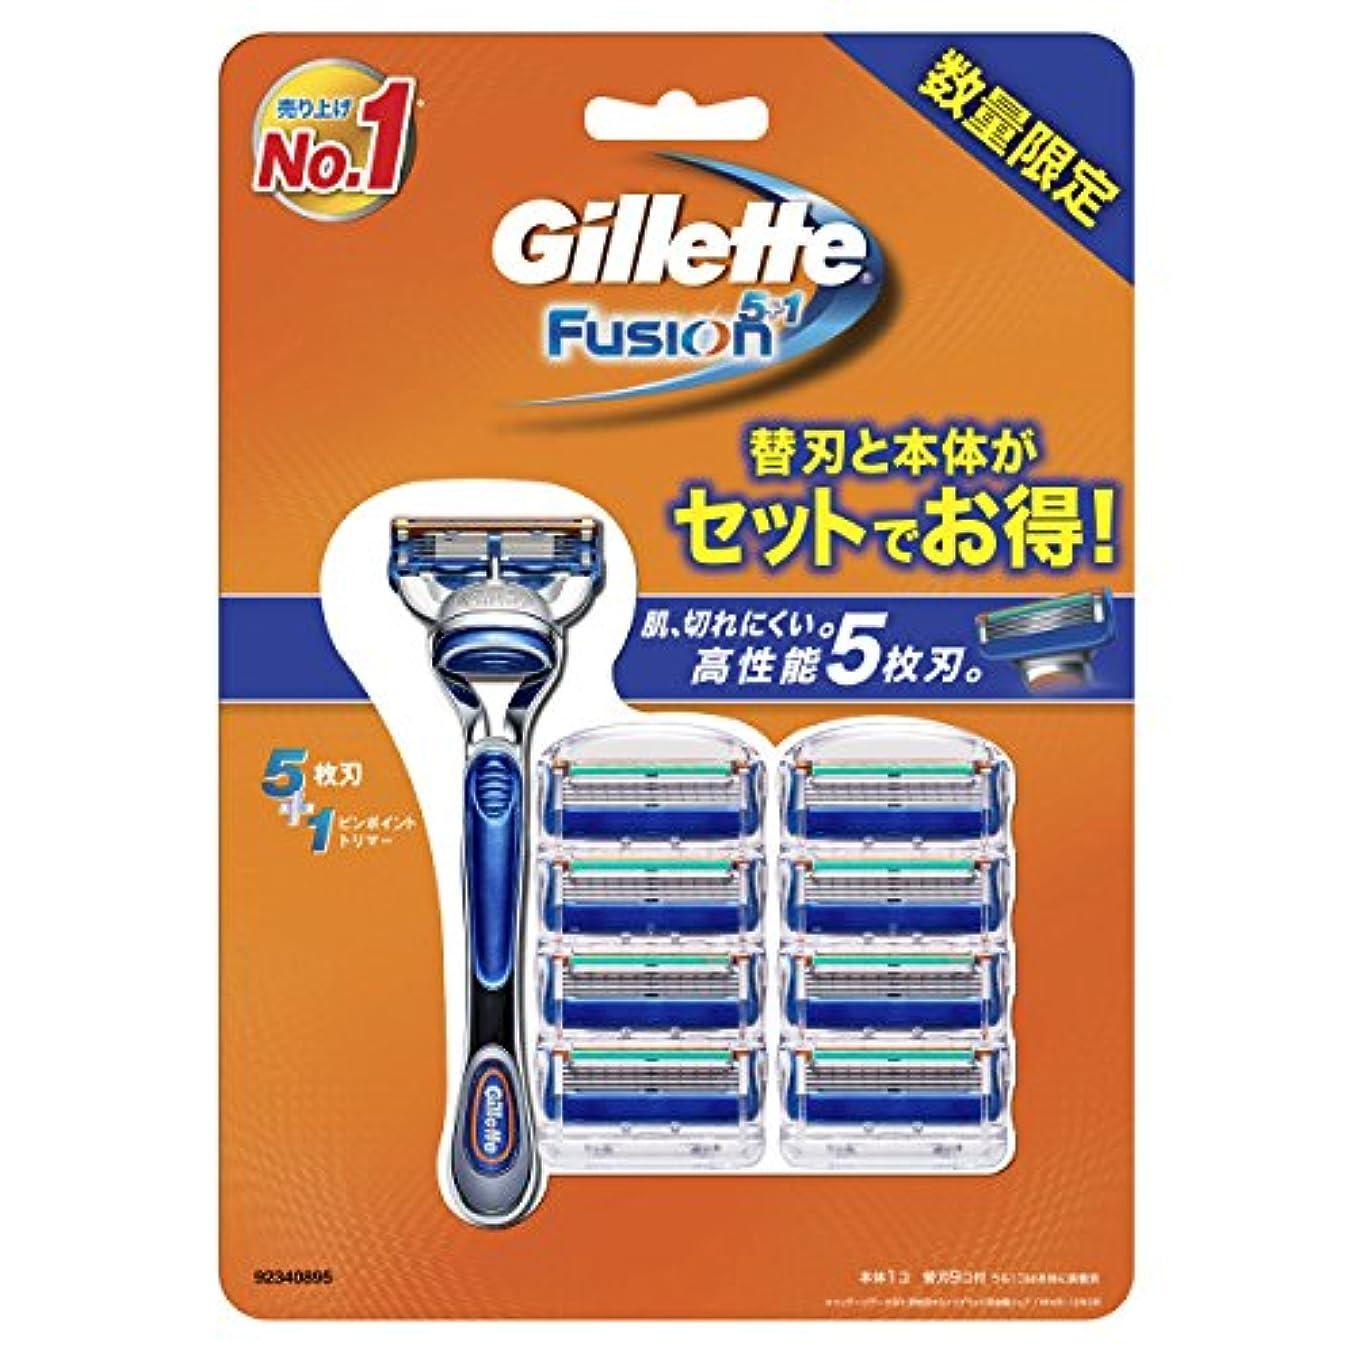 しつけセグメント仮称ジレット フュージョン5+1 マニュアル 髭剃り 本体+替刃 9個付